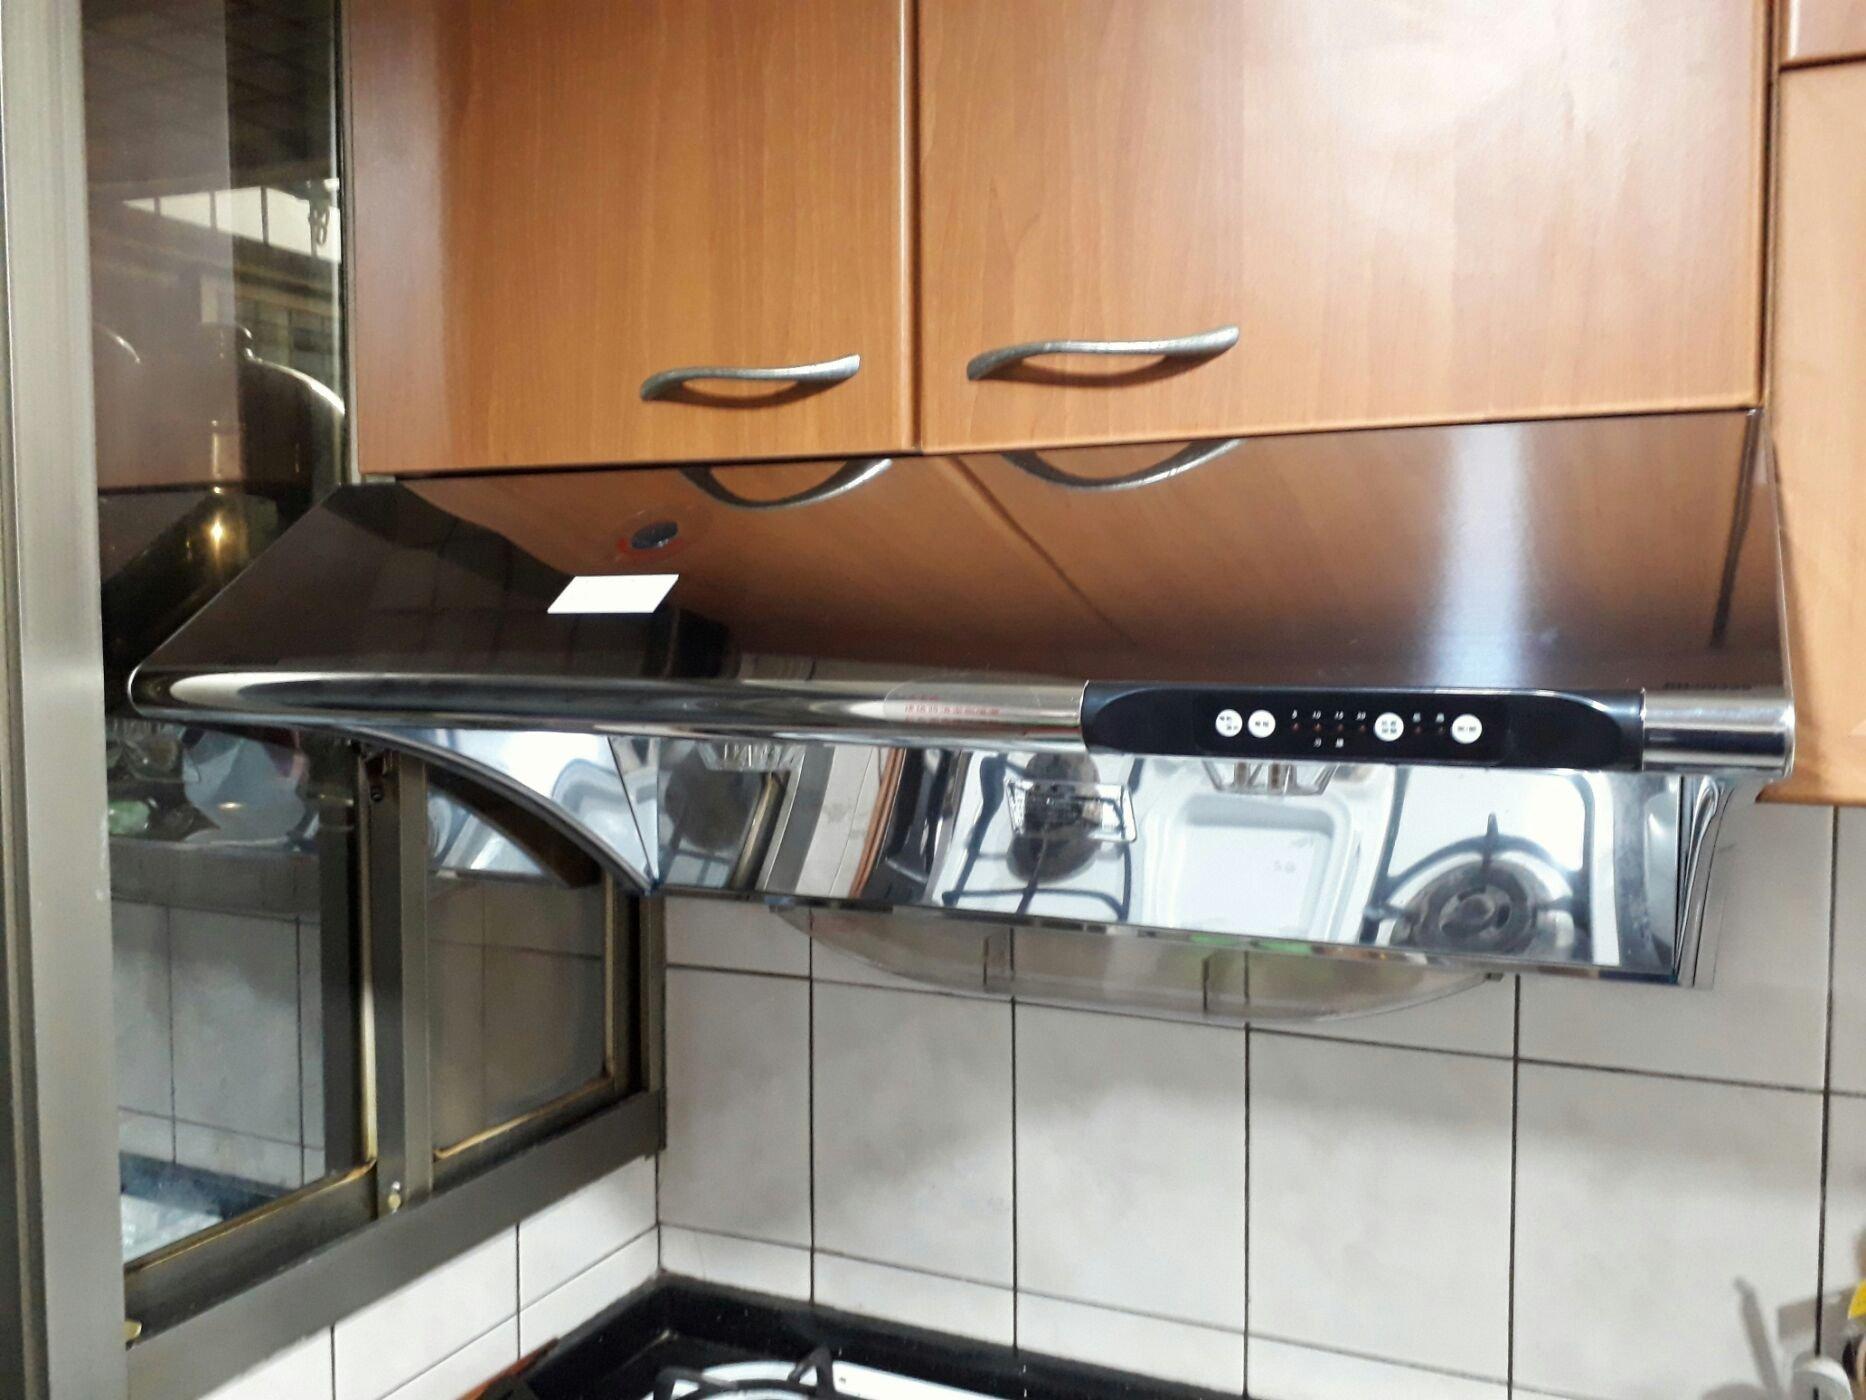 高雄台南《J工坊》林內RH-7033S深罩式排油煙機 水洗電熱除油